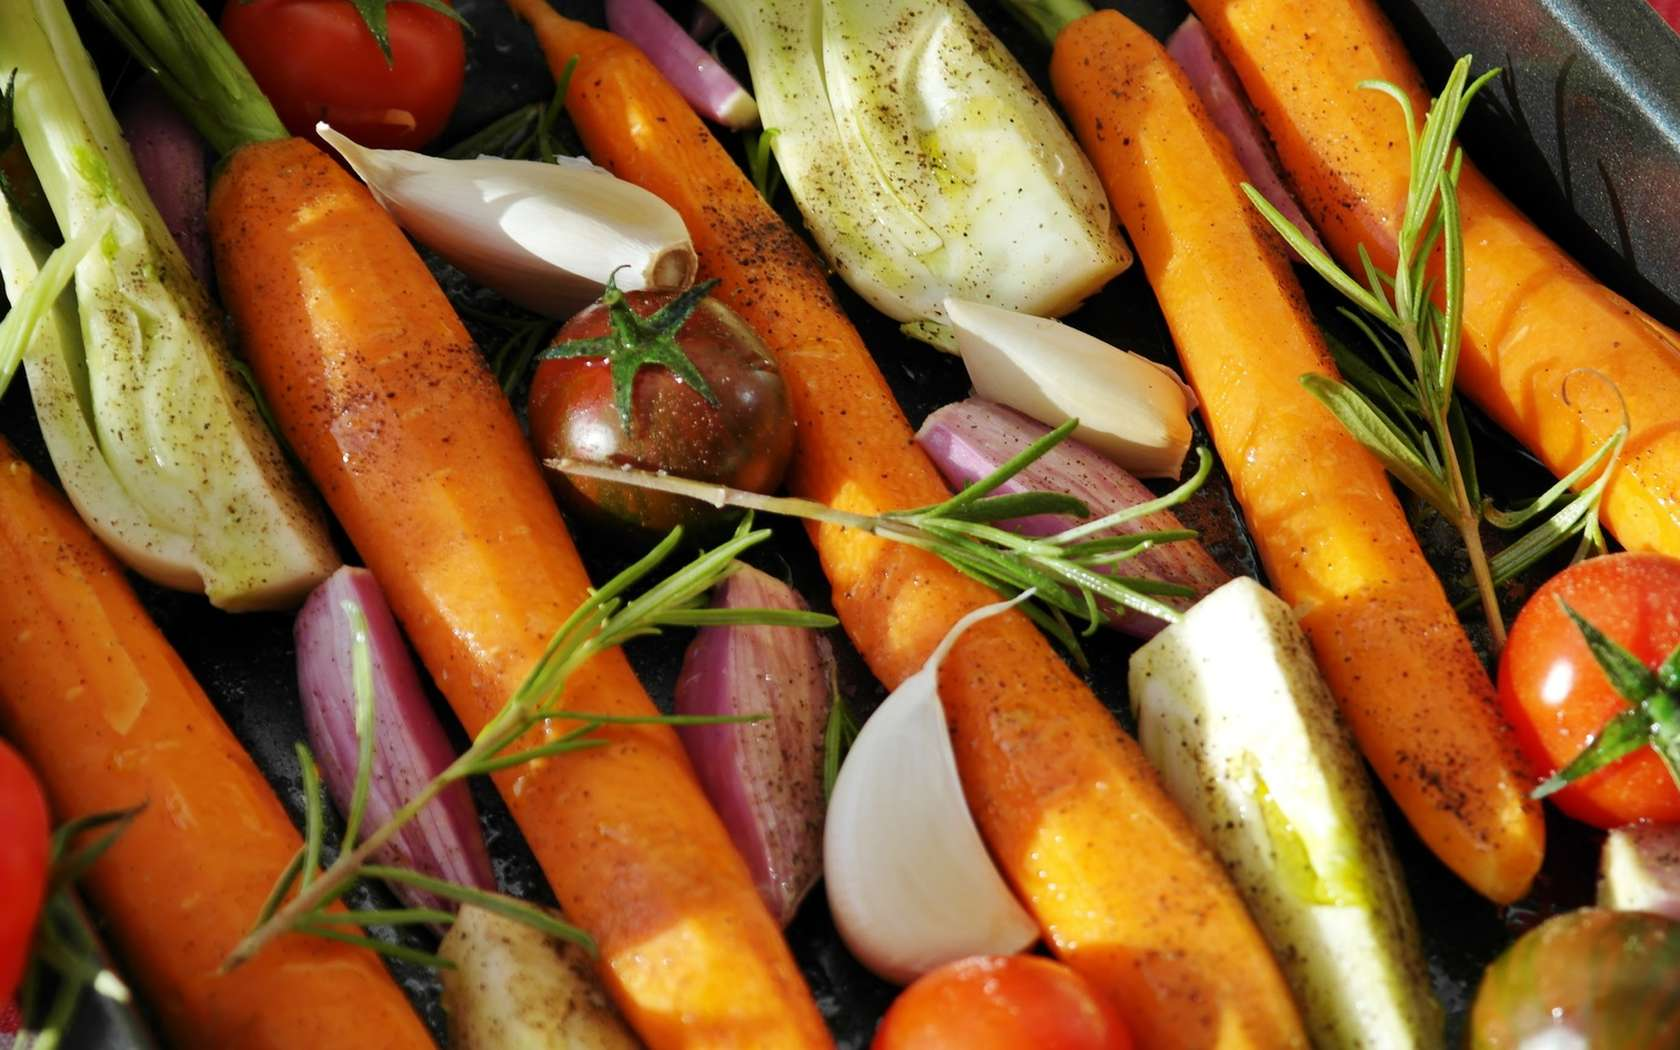 Il faut savoir varier son alimentation pour un bon apport de vitamines. © PxHere